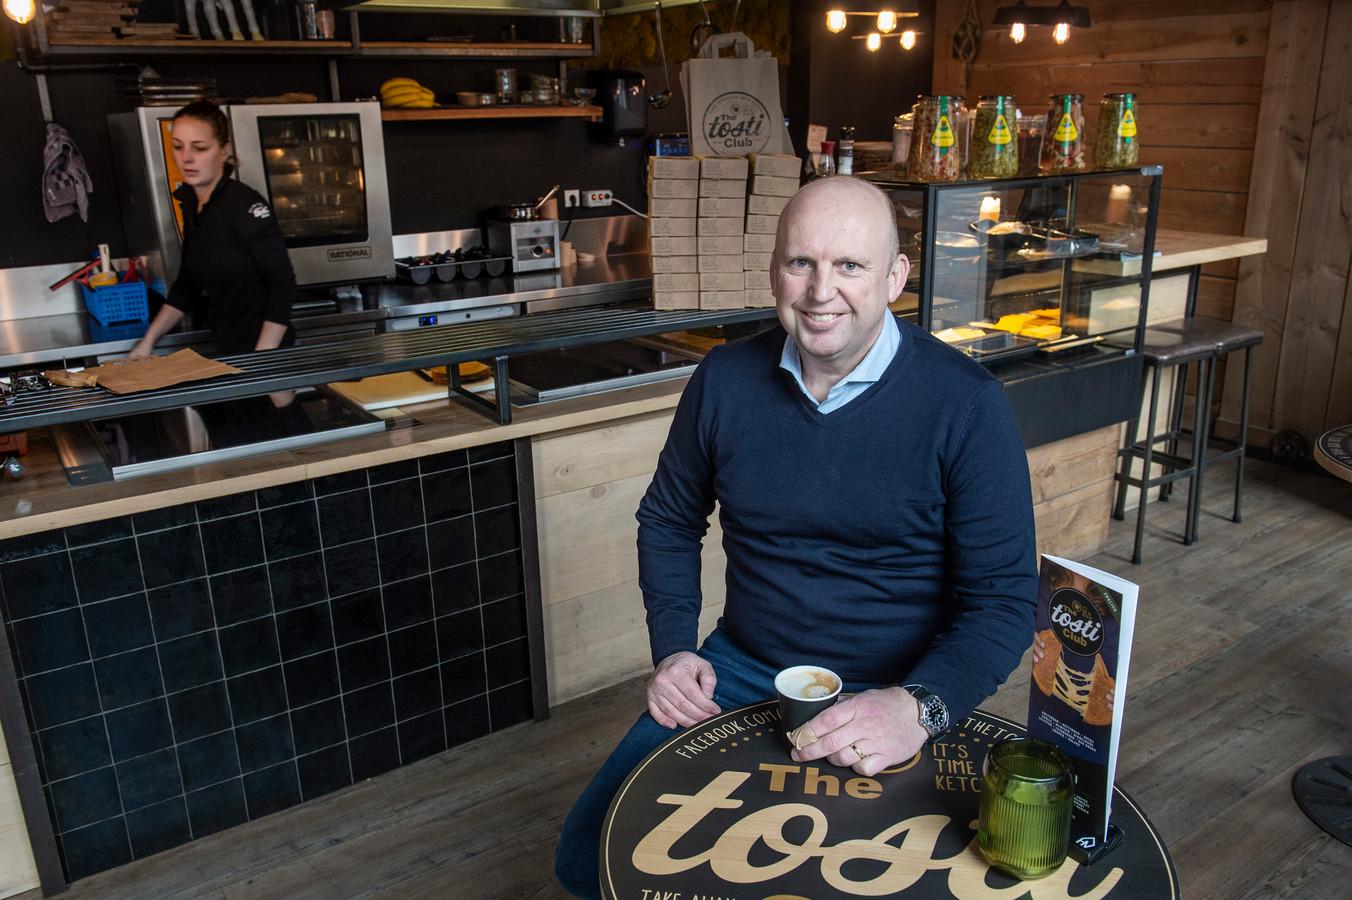 Jacco Heijkoop is oprichter van de formule The Tosti Club, die inmiddels 11 vestigingen heeft.